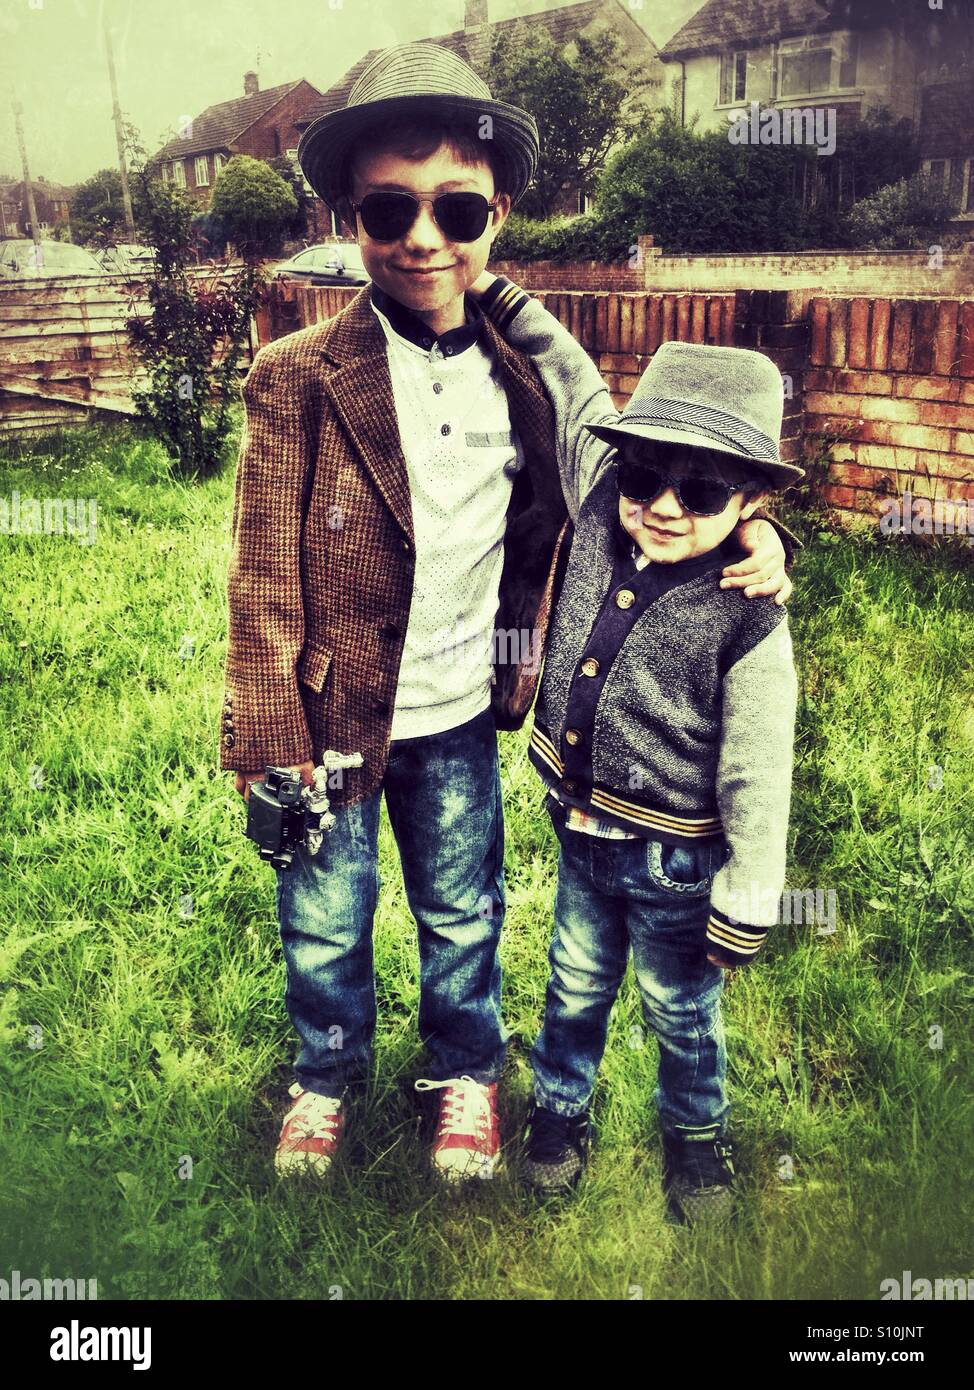 Hermanos jóvenes vistiendo gorras y gafas de sol. Imagen De Stock